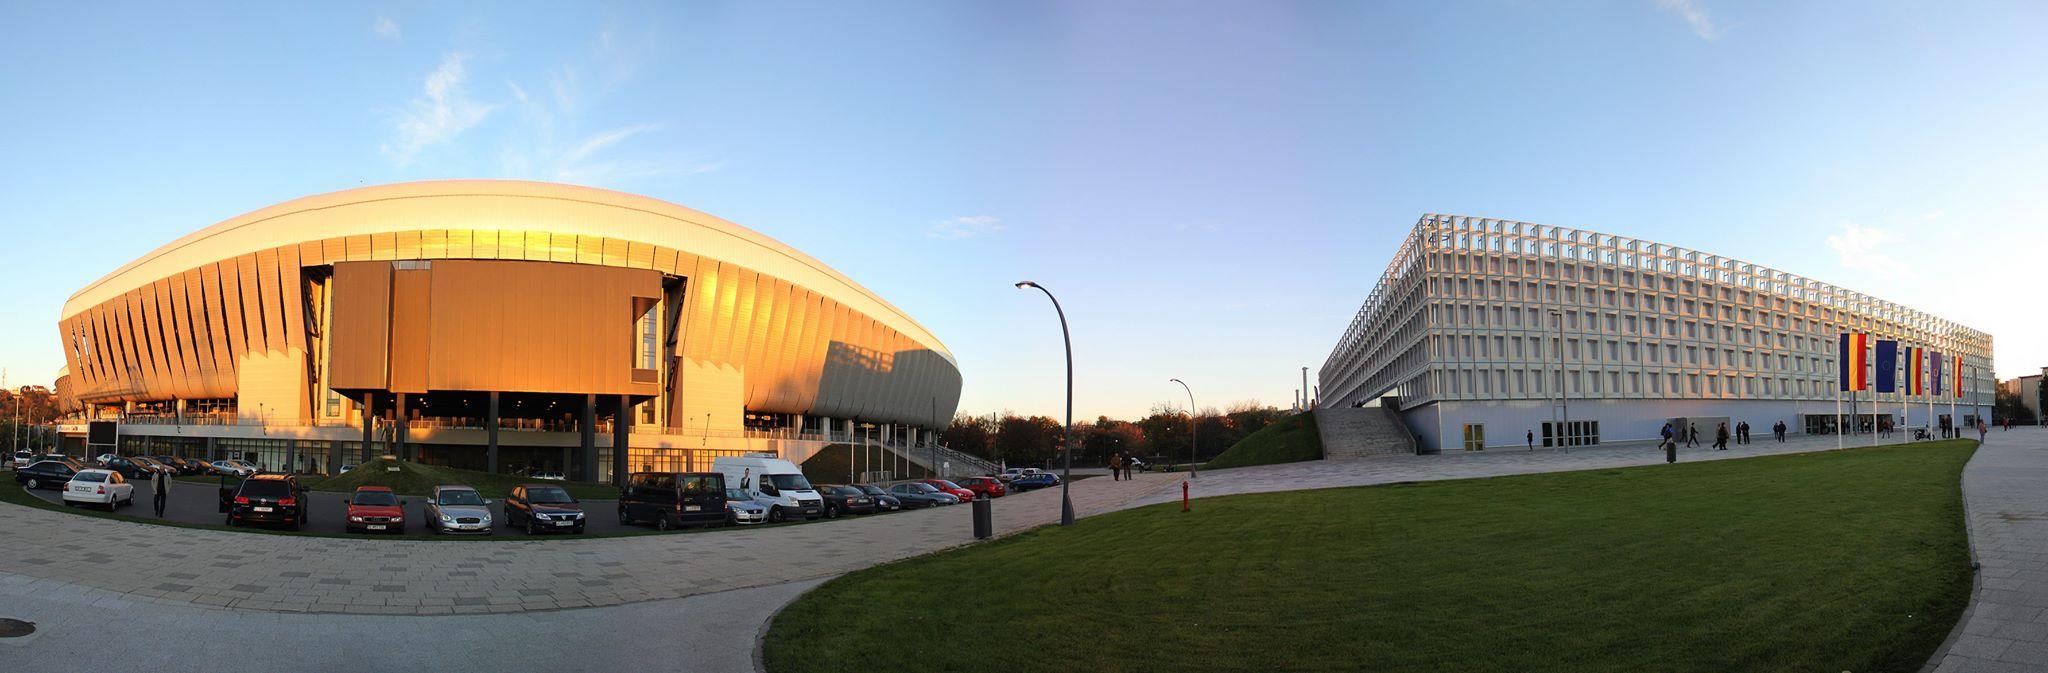 Curtea de Conturi vrea să închidă Cluj Arena, din cauza datoriilor către administrația locală, punând astfel, în pericol disputarea meciului de tenis din Cupa Davis, dintre România și Spania, programat în luna iulie a acestui an / Foto: Dan Bodea